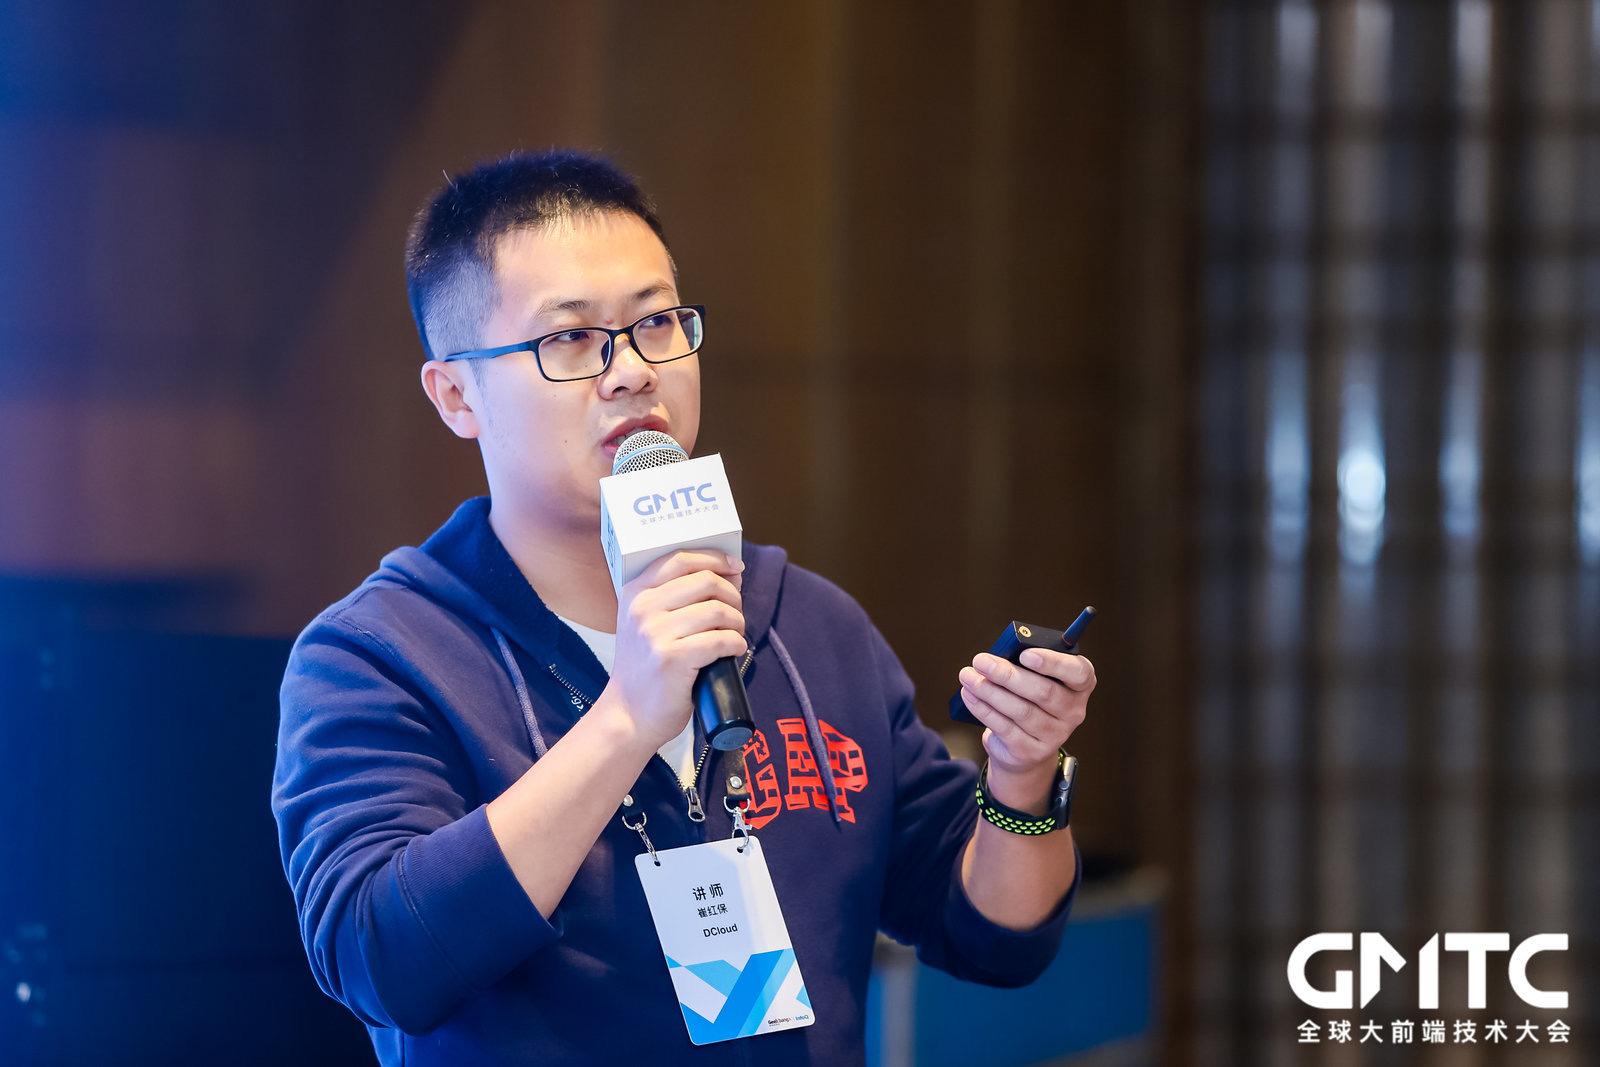 小程序的当下和未来可能 | GMTC.2019深圳站演讲文稿